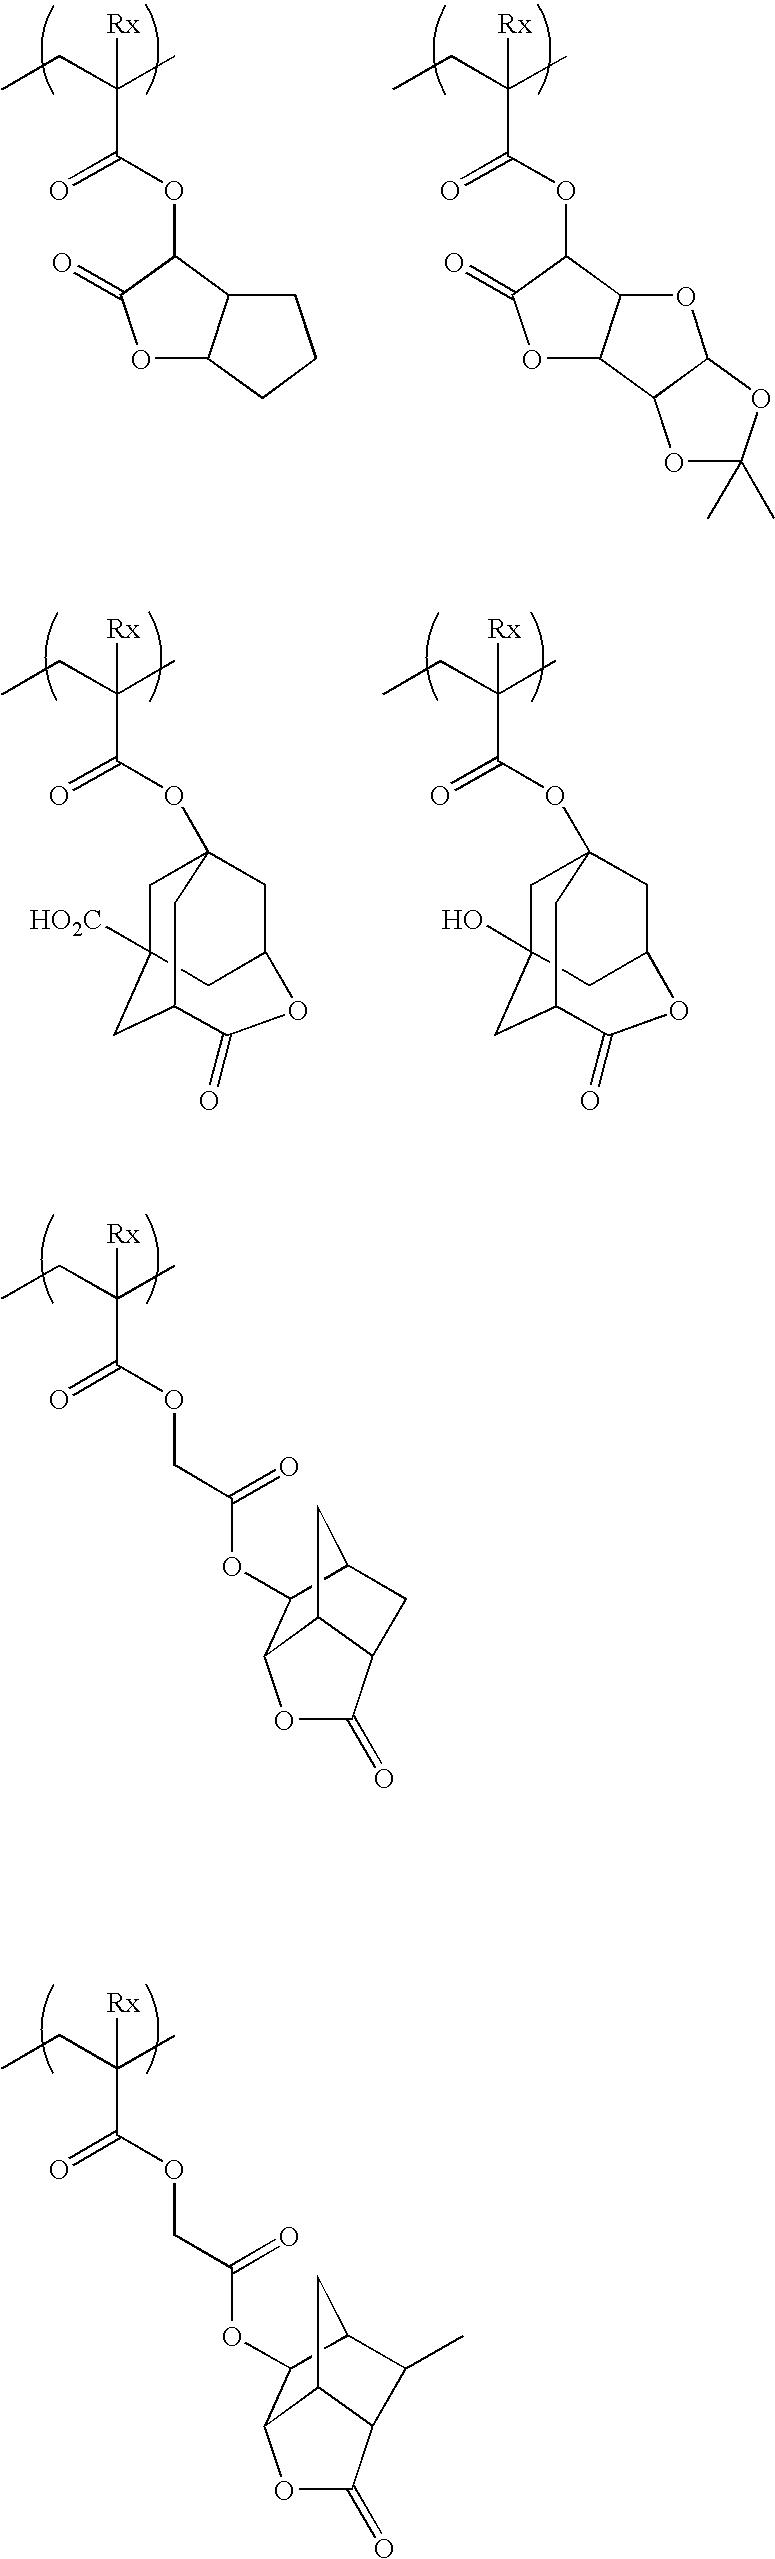 Figure US20100183975A1-20100722-C00134